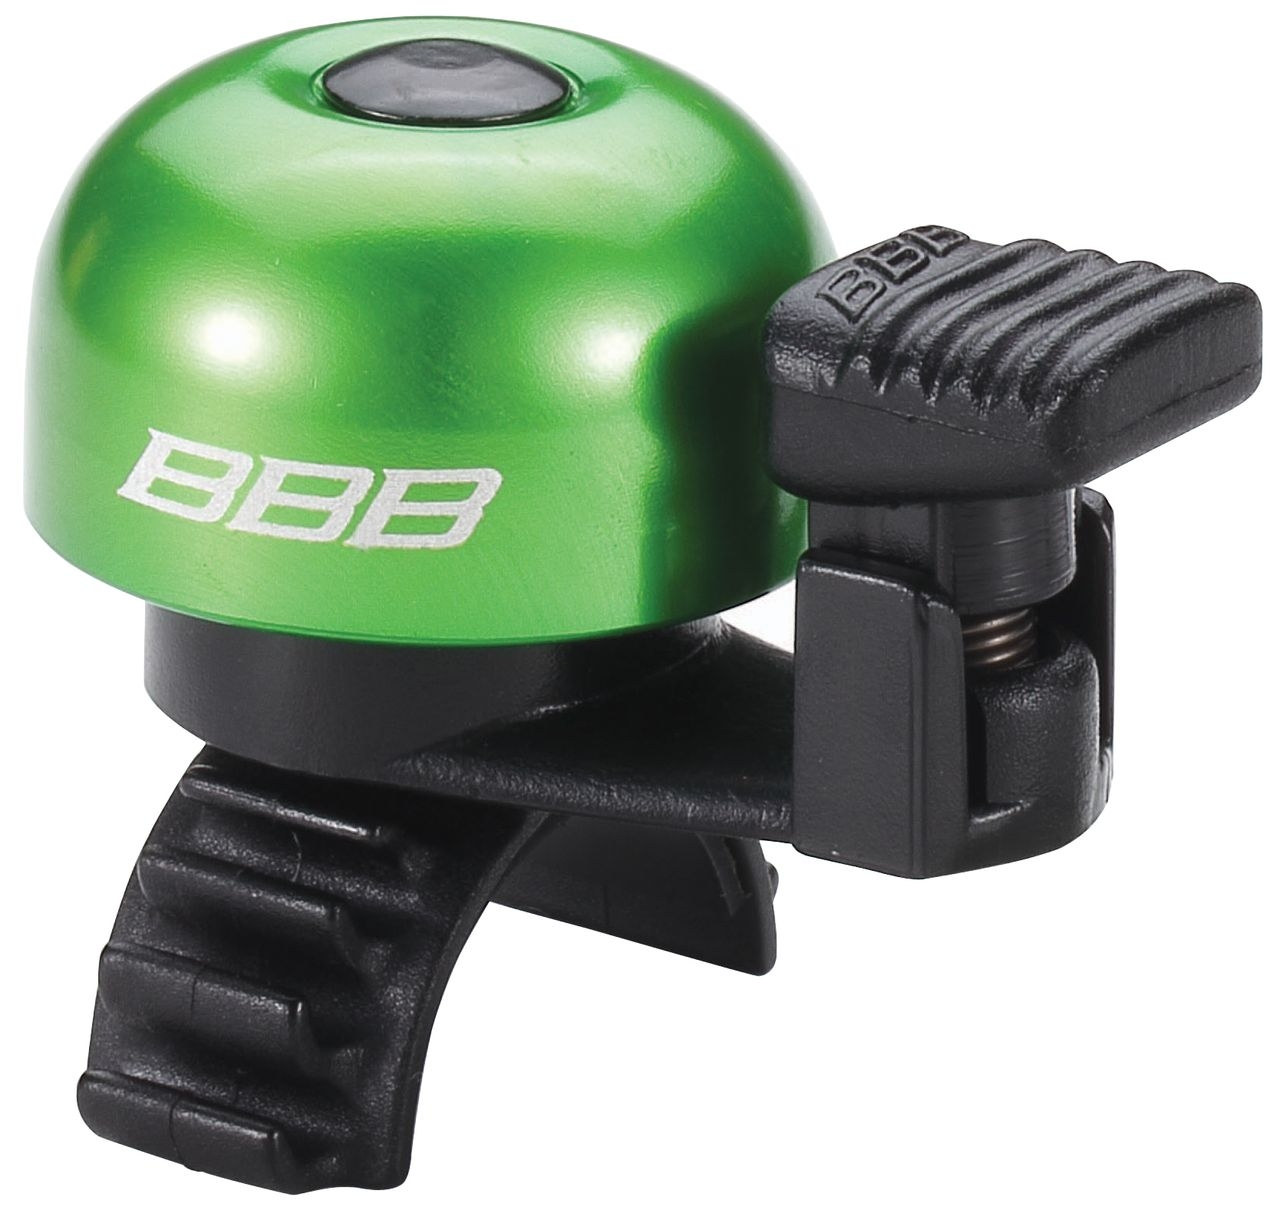 Sonnette BBB EasyFit (vert) - BBB-12